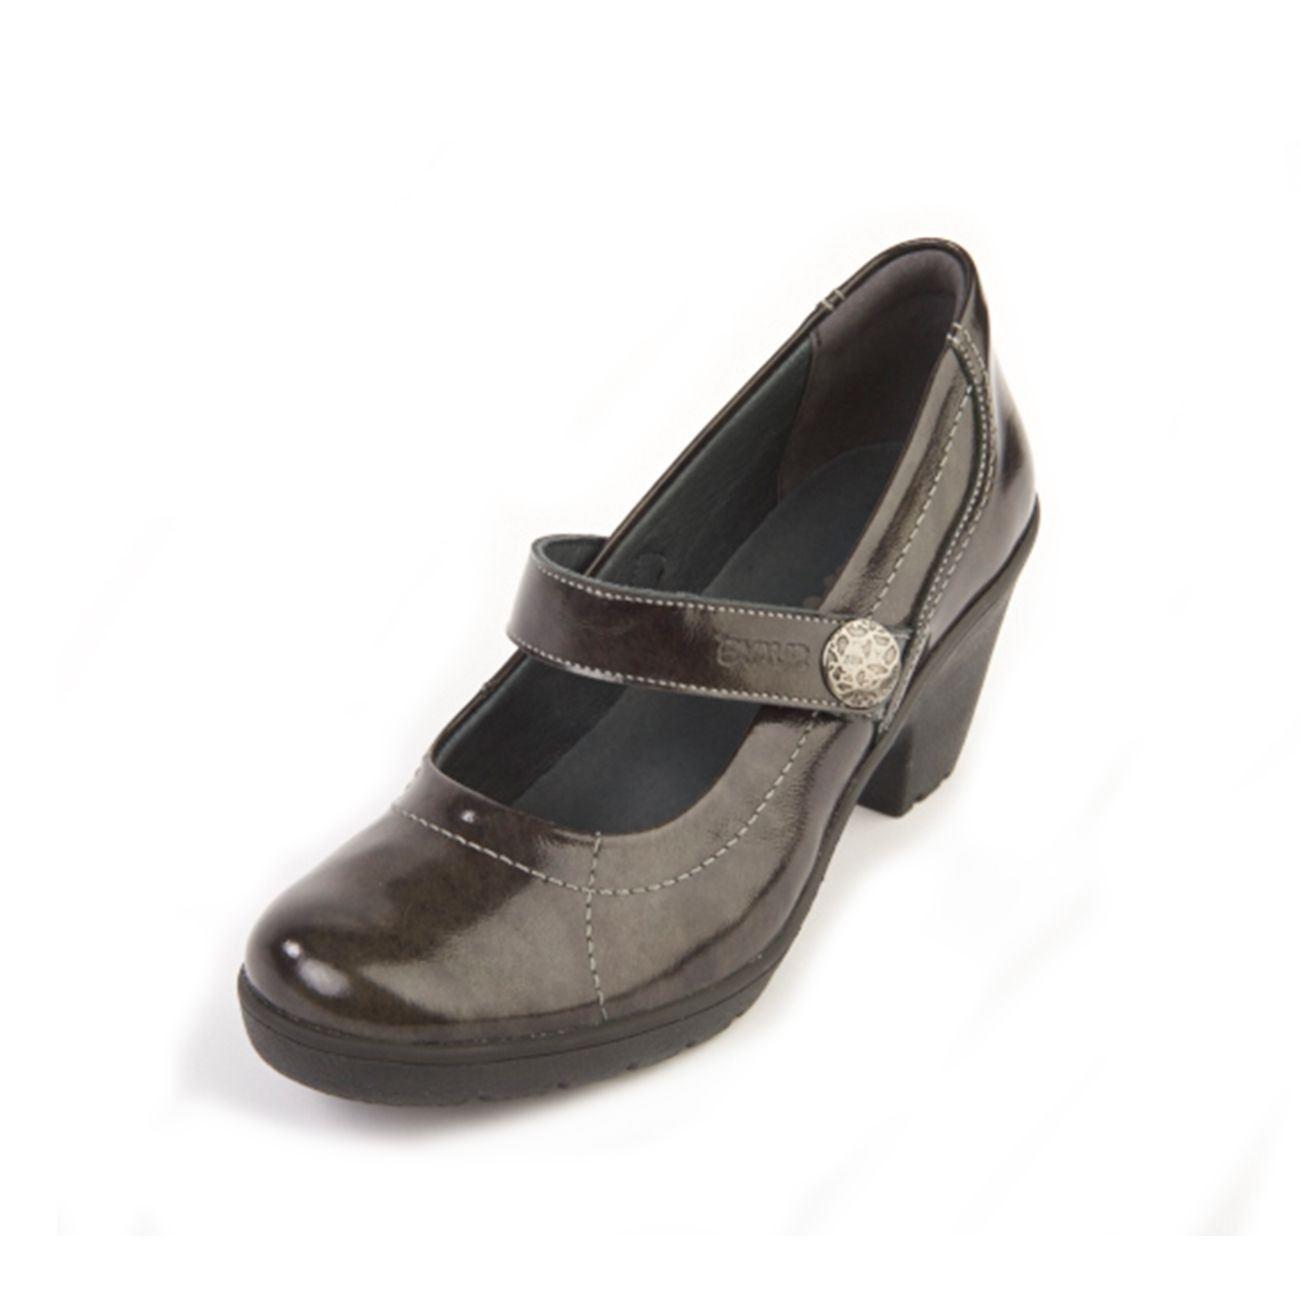 la chaussure kate suave des femmes | large digne e digne large | déclarations libre - royaume - uni 16a186